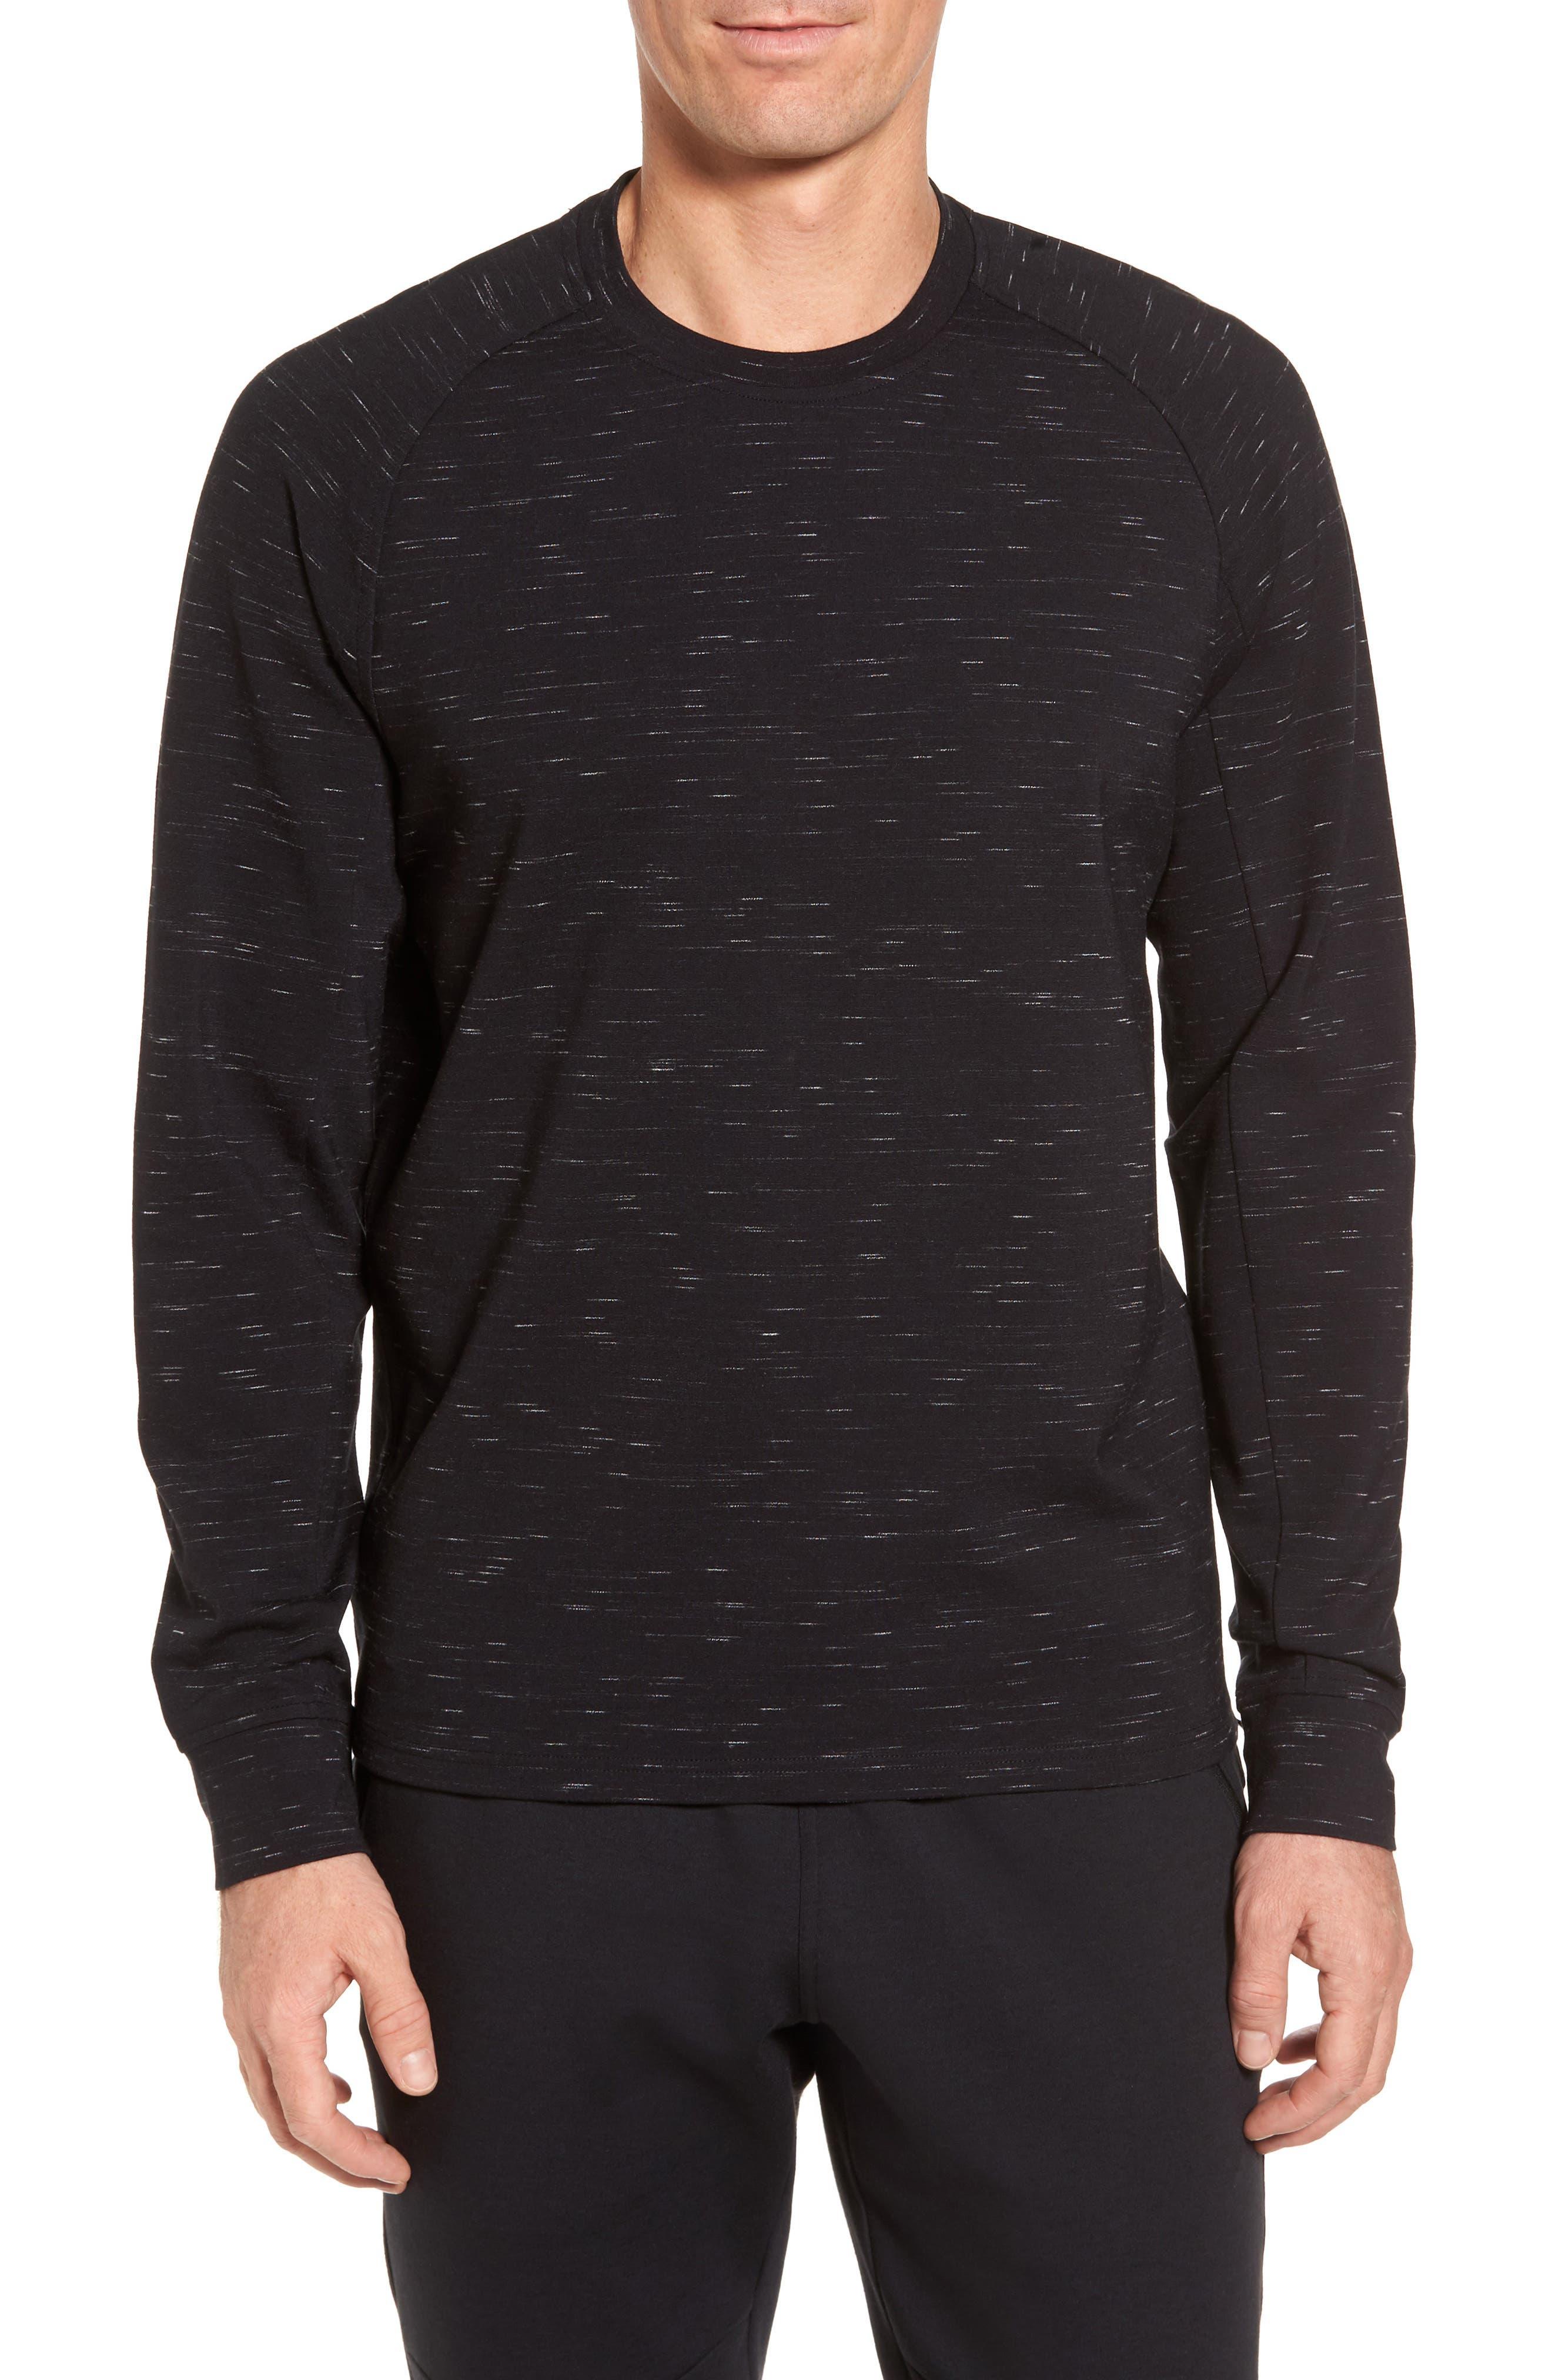 Main Image - Zella Fleece Crewneck Sweatshirt